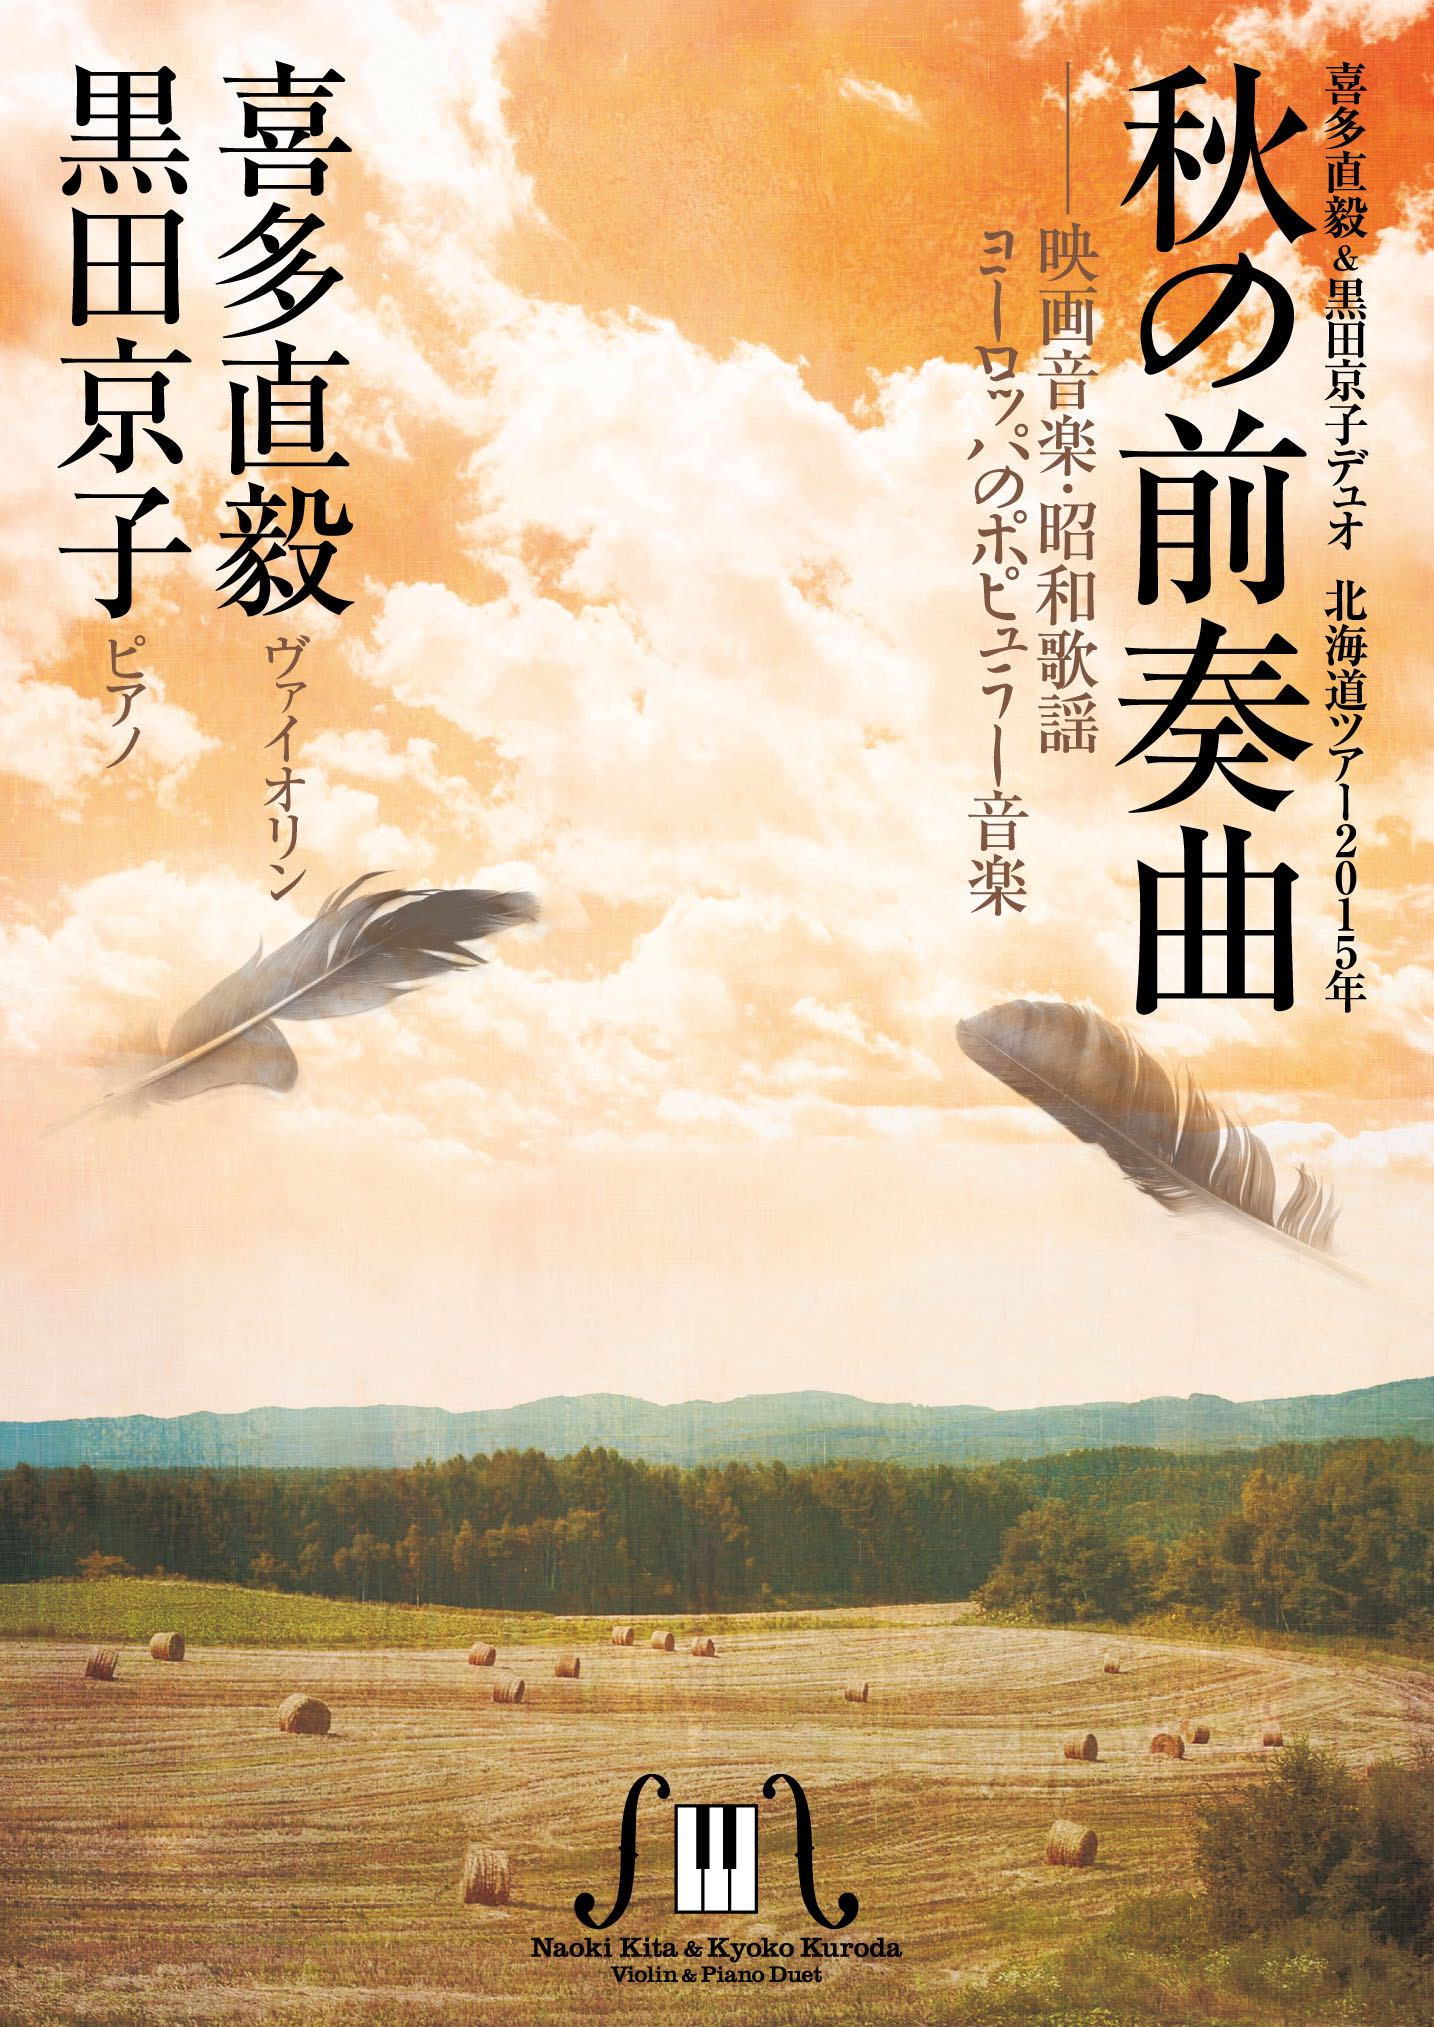 2015年北海道ツアー『秋の前奏曲』フライヤー